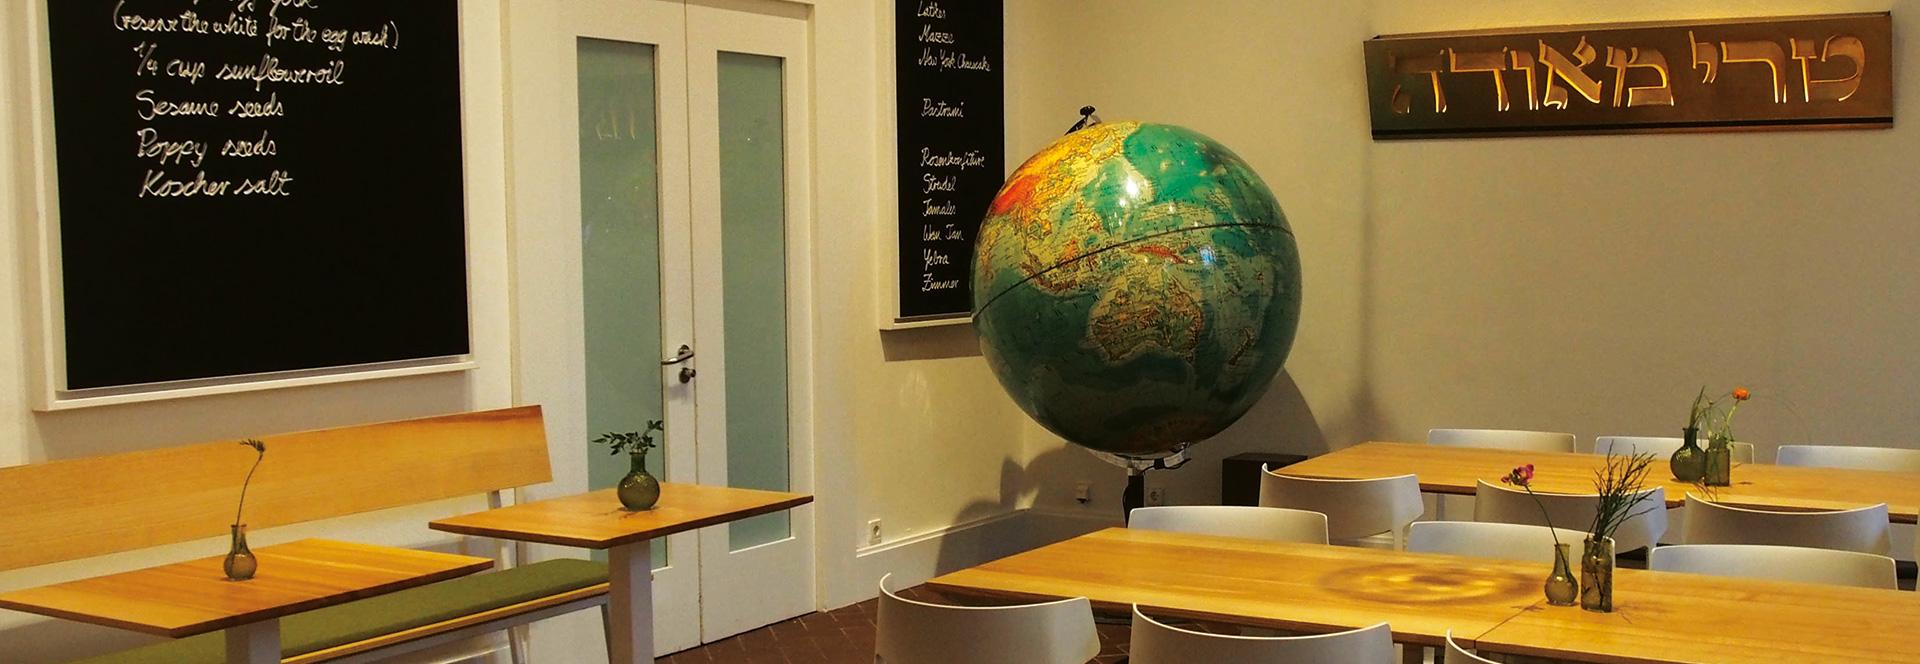 Blick in das Museumscafé mit Tischen und Stühlen